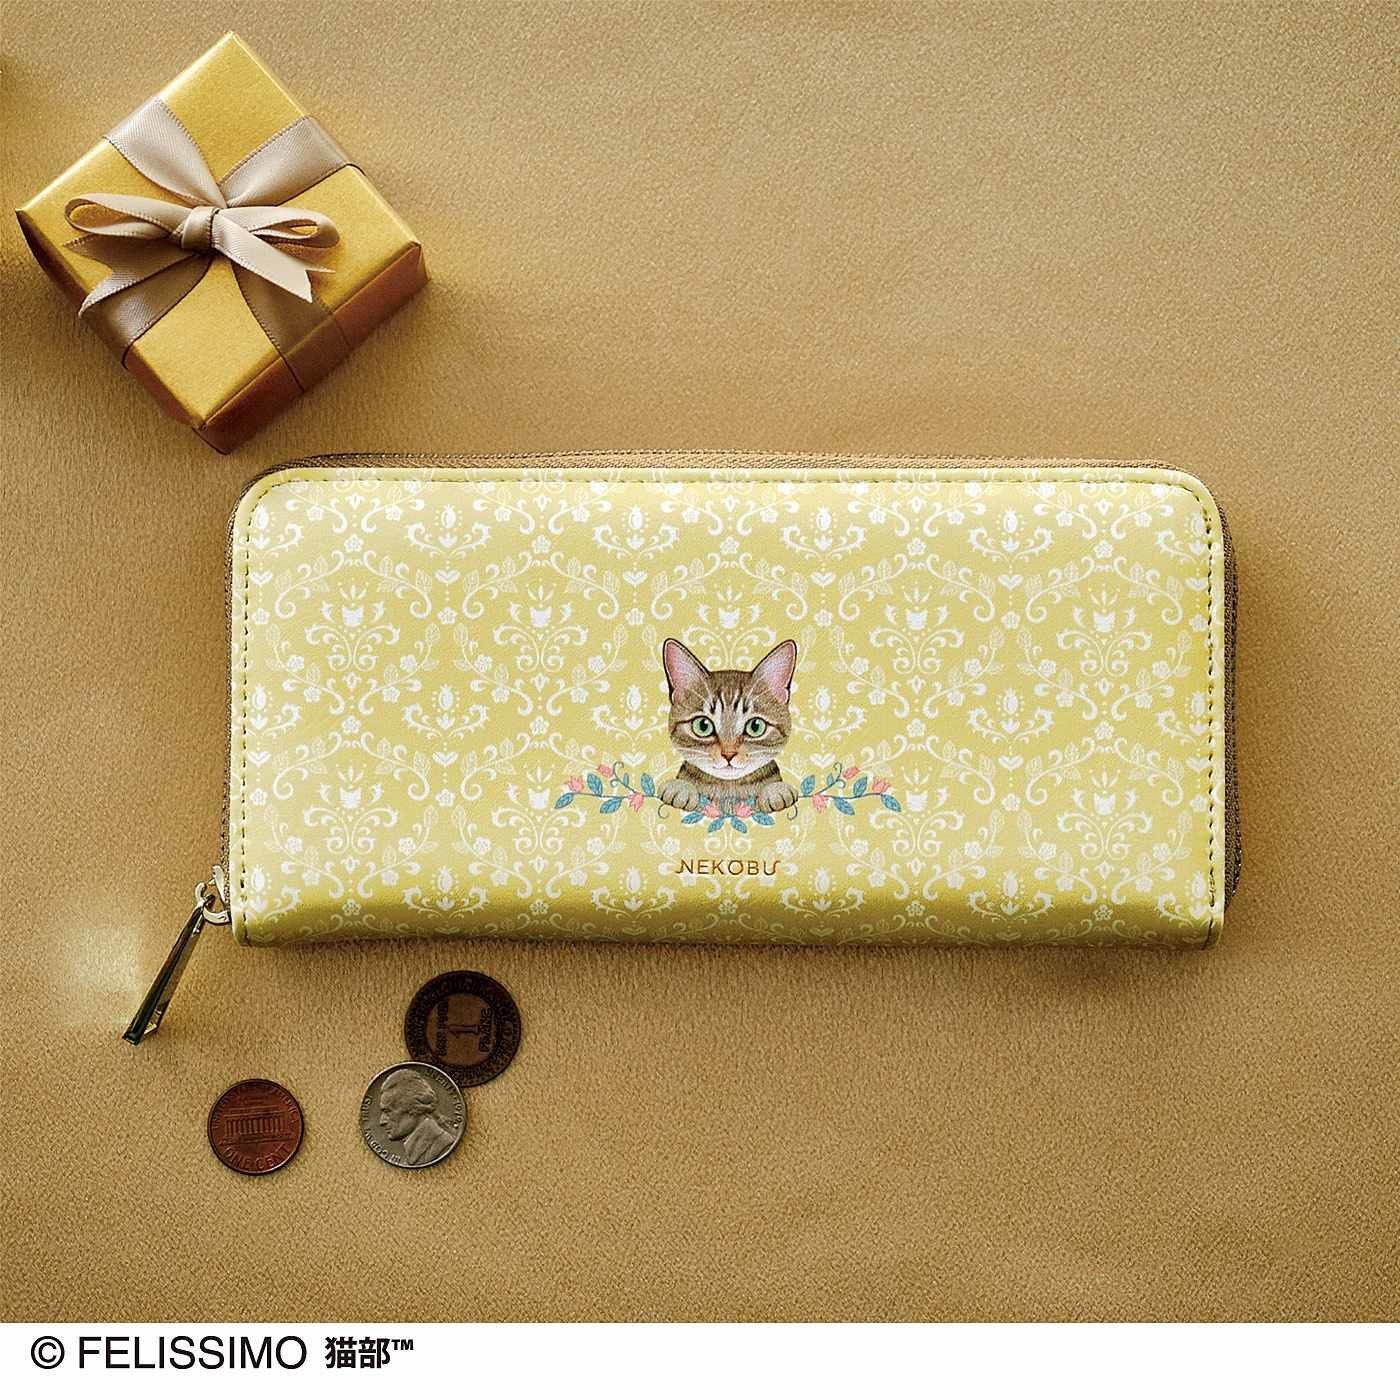 幸運を味方に! キジ猫とまたたび模様のハッピーカラー長財布